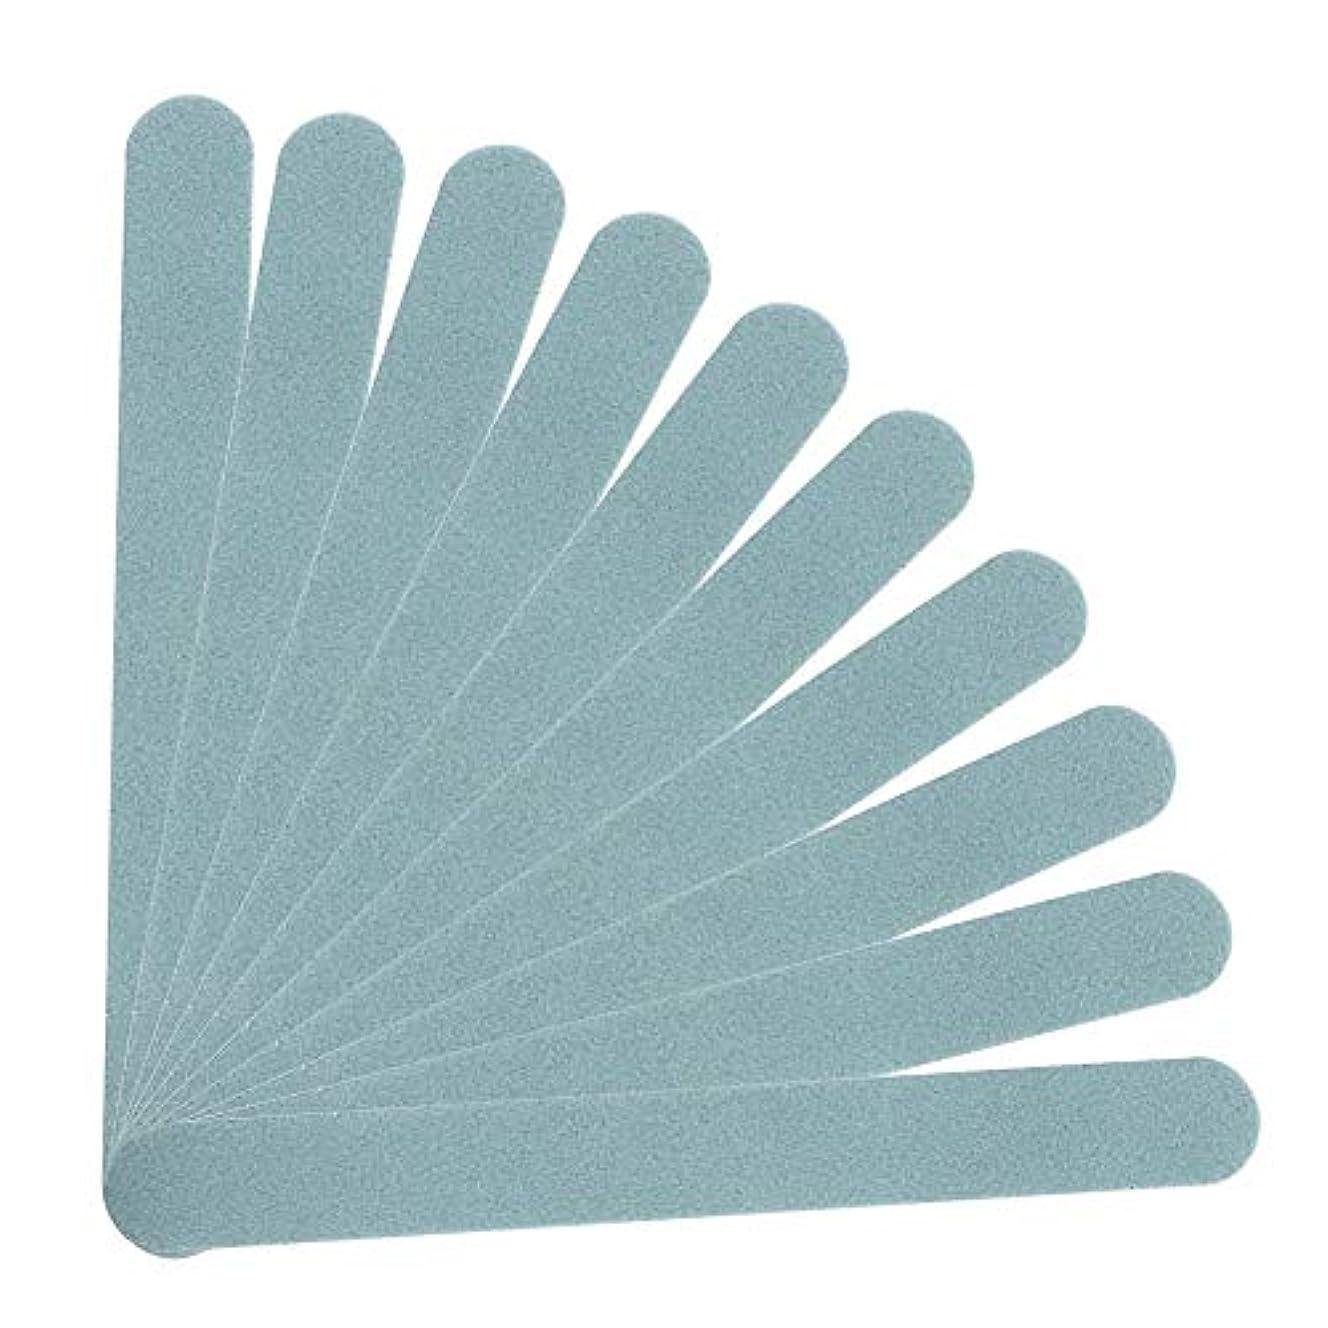 メンダシティウィンク精緻化マニキュア ネイルアート用 10個のネイルポリッシングスポンジバッファー プロフェッショナル両面ファイルツール、